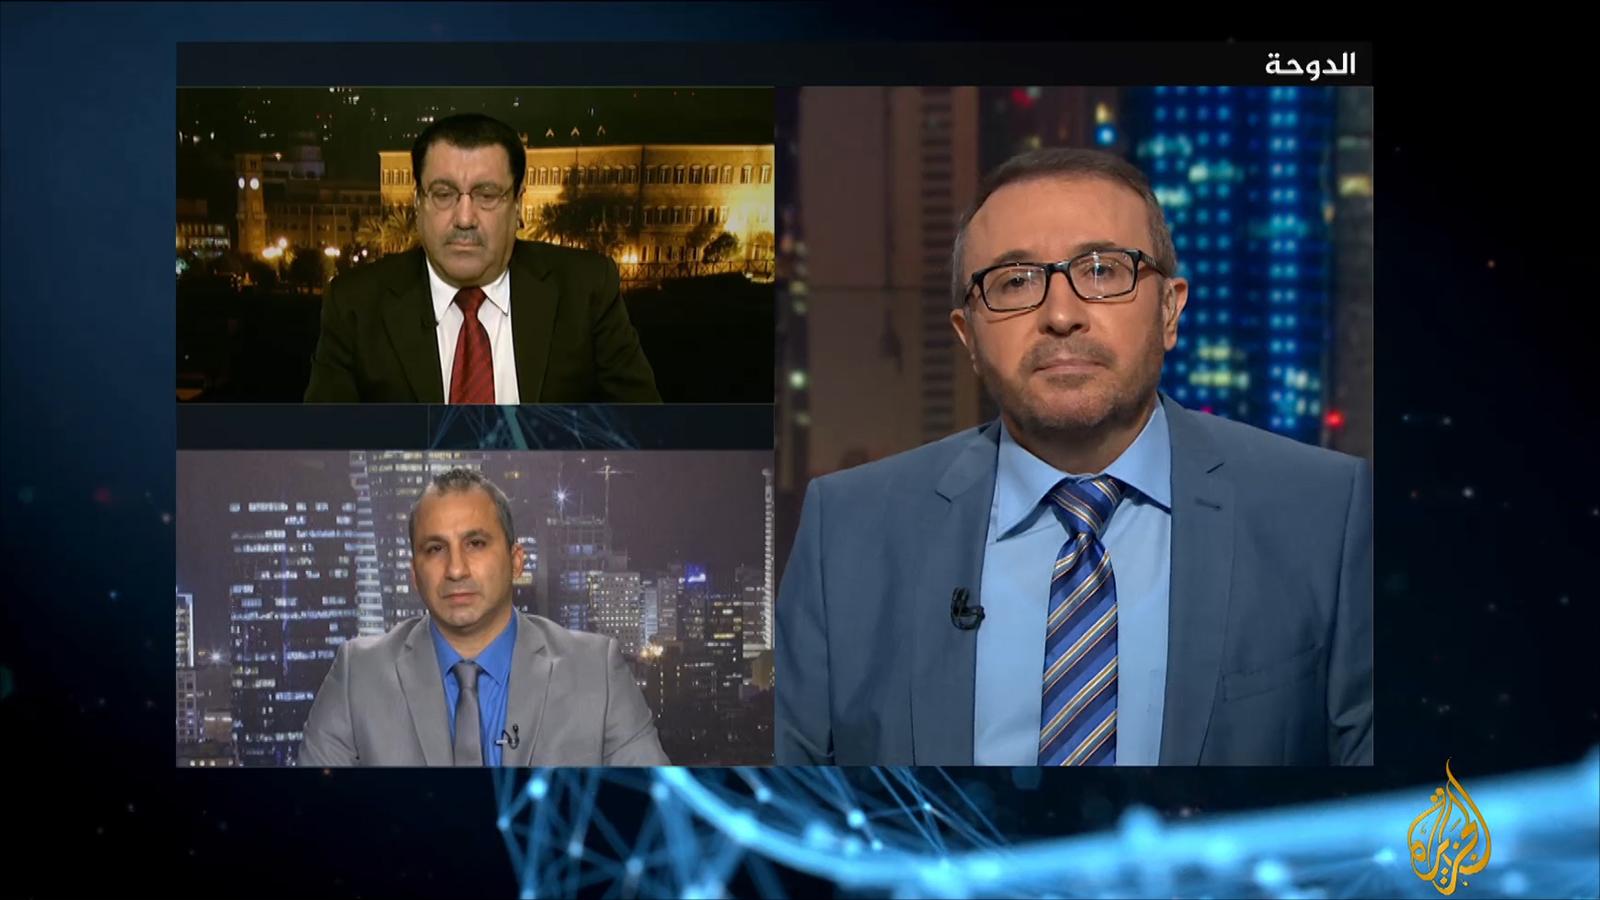 كوهين ضيف دائم بقناة الجزيرة